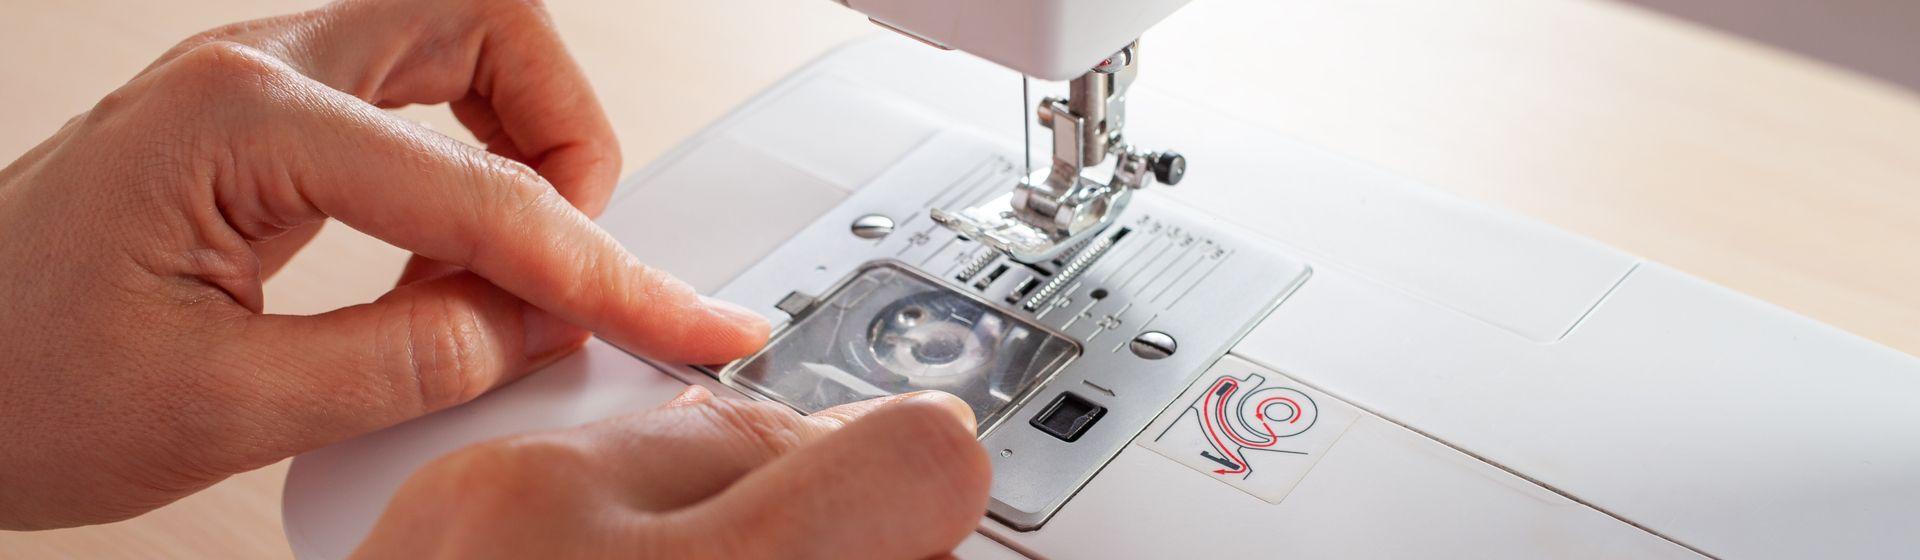 Máquina de Costura Portátil: 7 opções para comprar em 2020